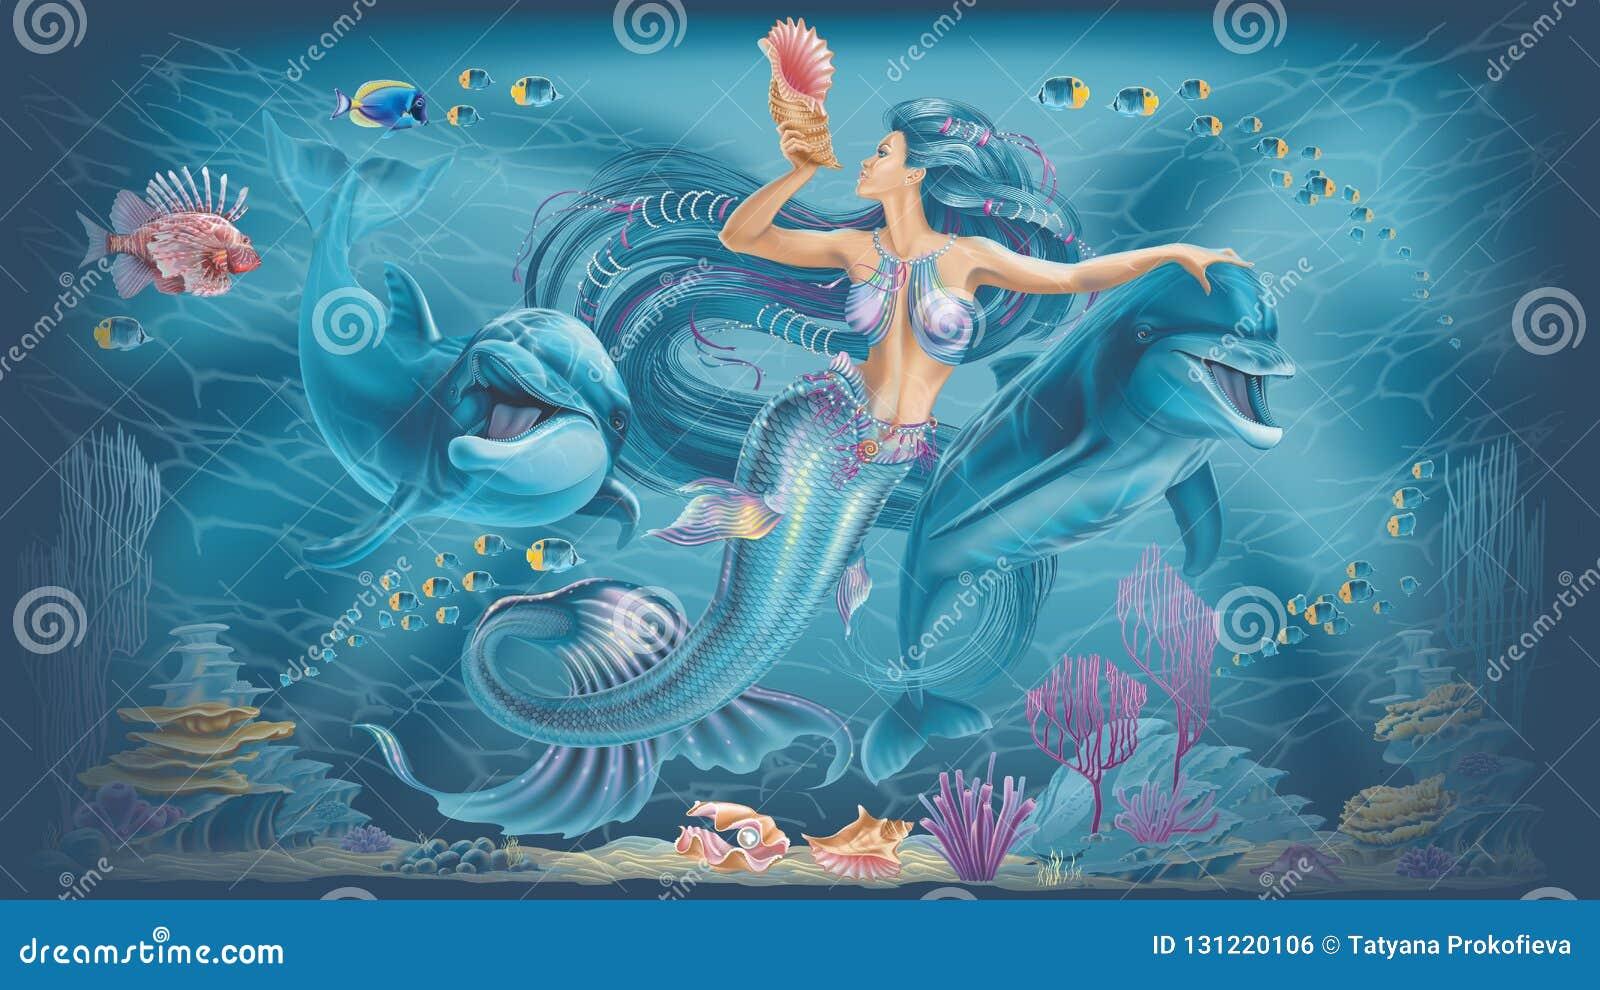 Illustratie van een meermin en dolfijnen